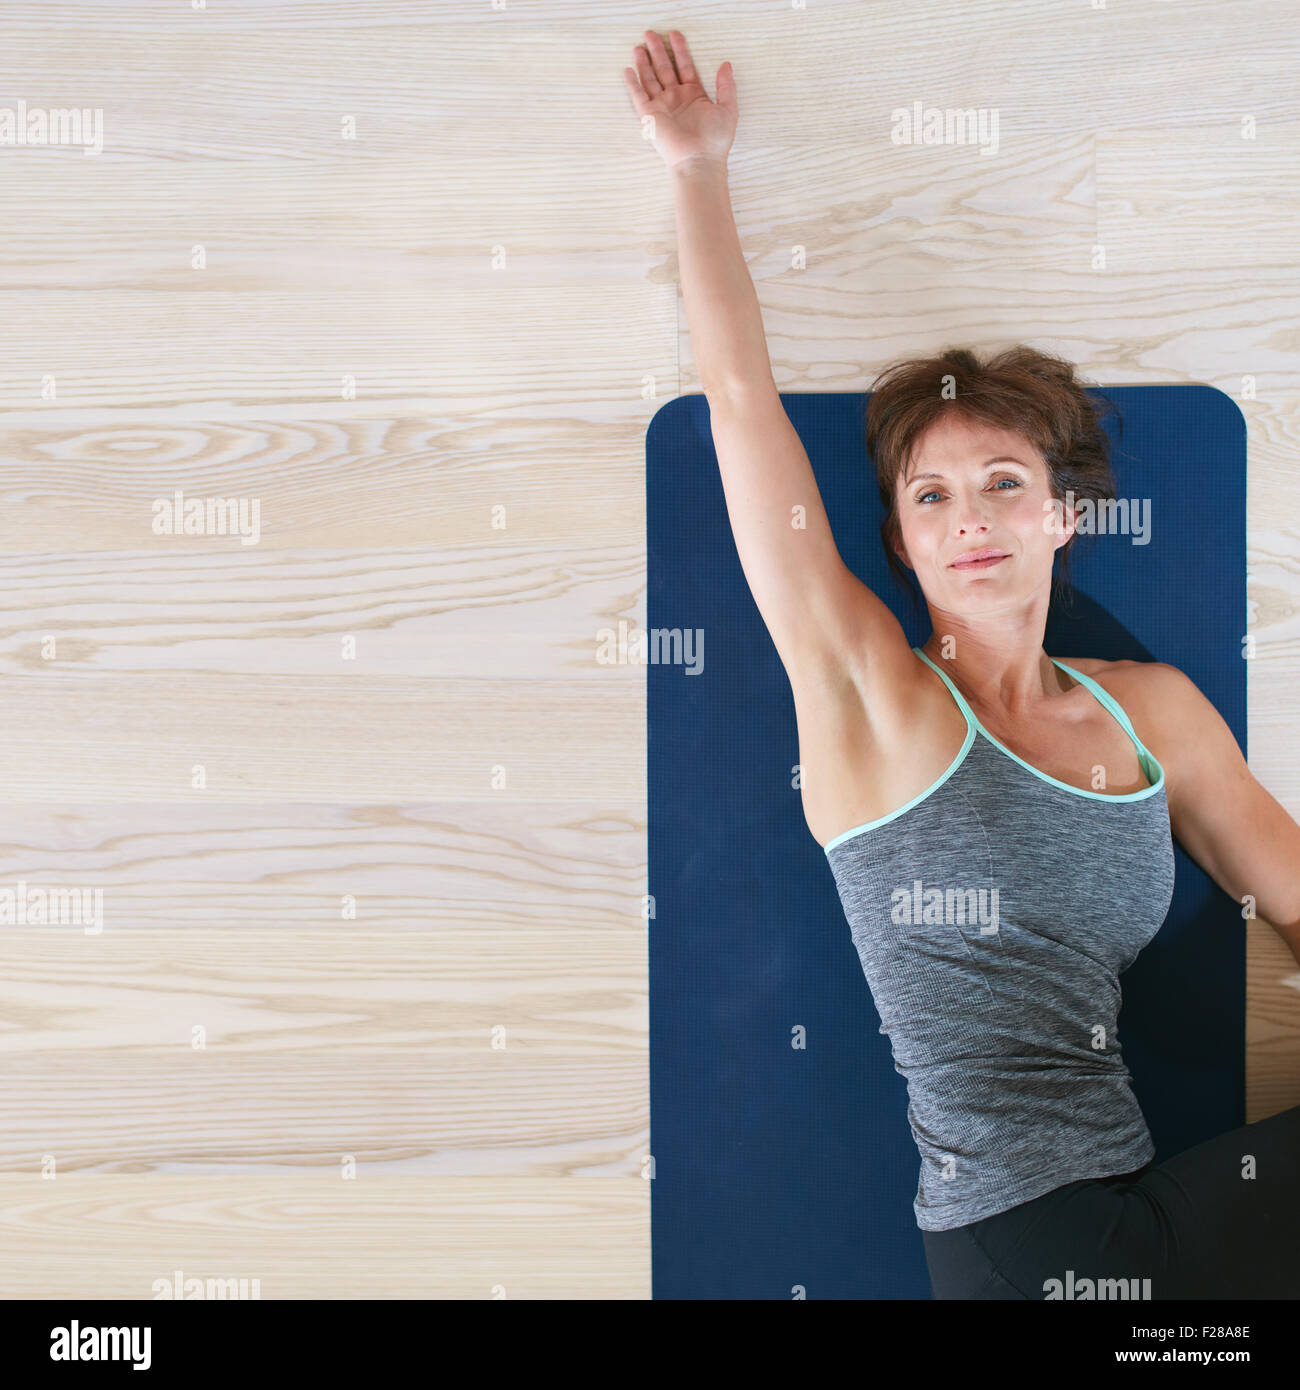 Vista superior de la mujer que estaba acostada y estiramientos en colchoneta de ejercicios. En la planta hembra Imagen De Stock